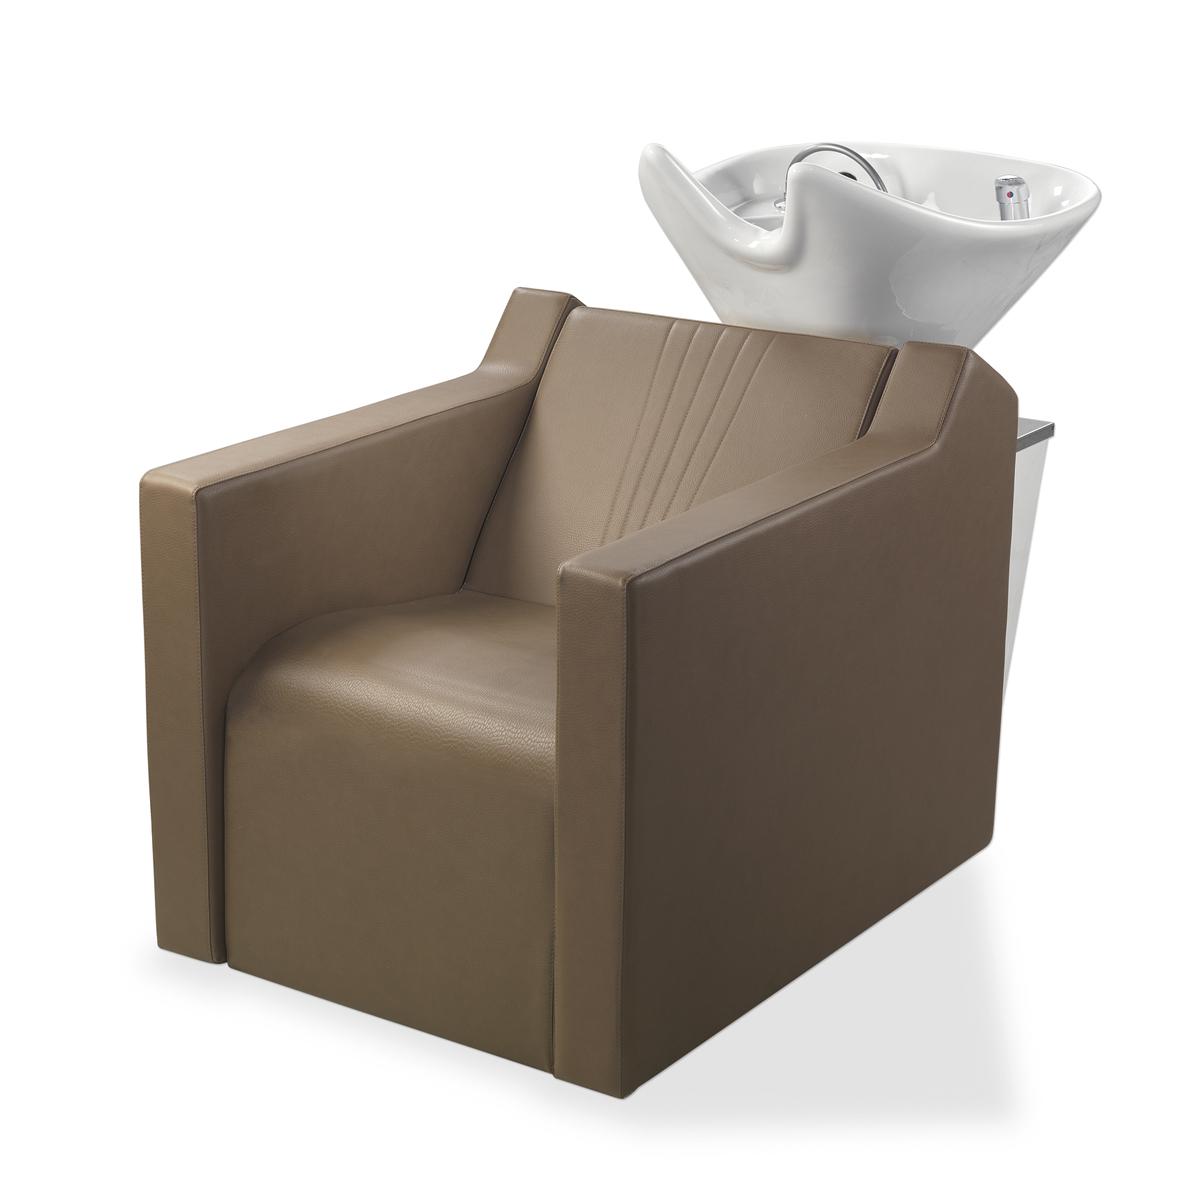 next bac de lavage mobicoiff. Black Bedroom Furniture Sets. Home Design Ideas